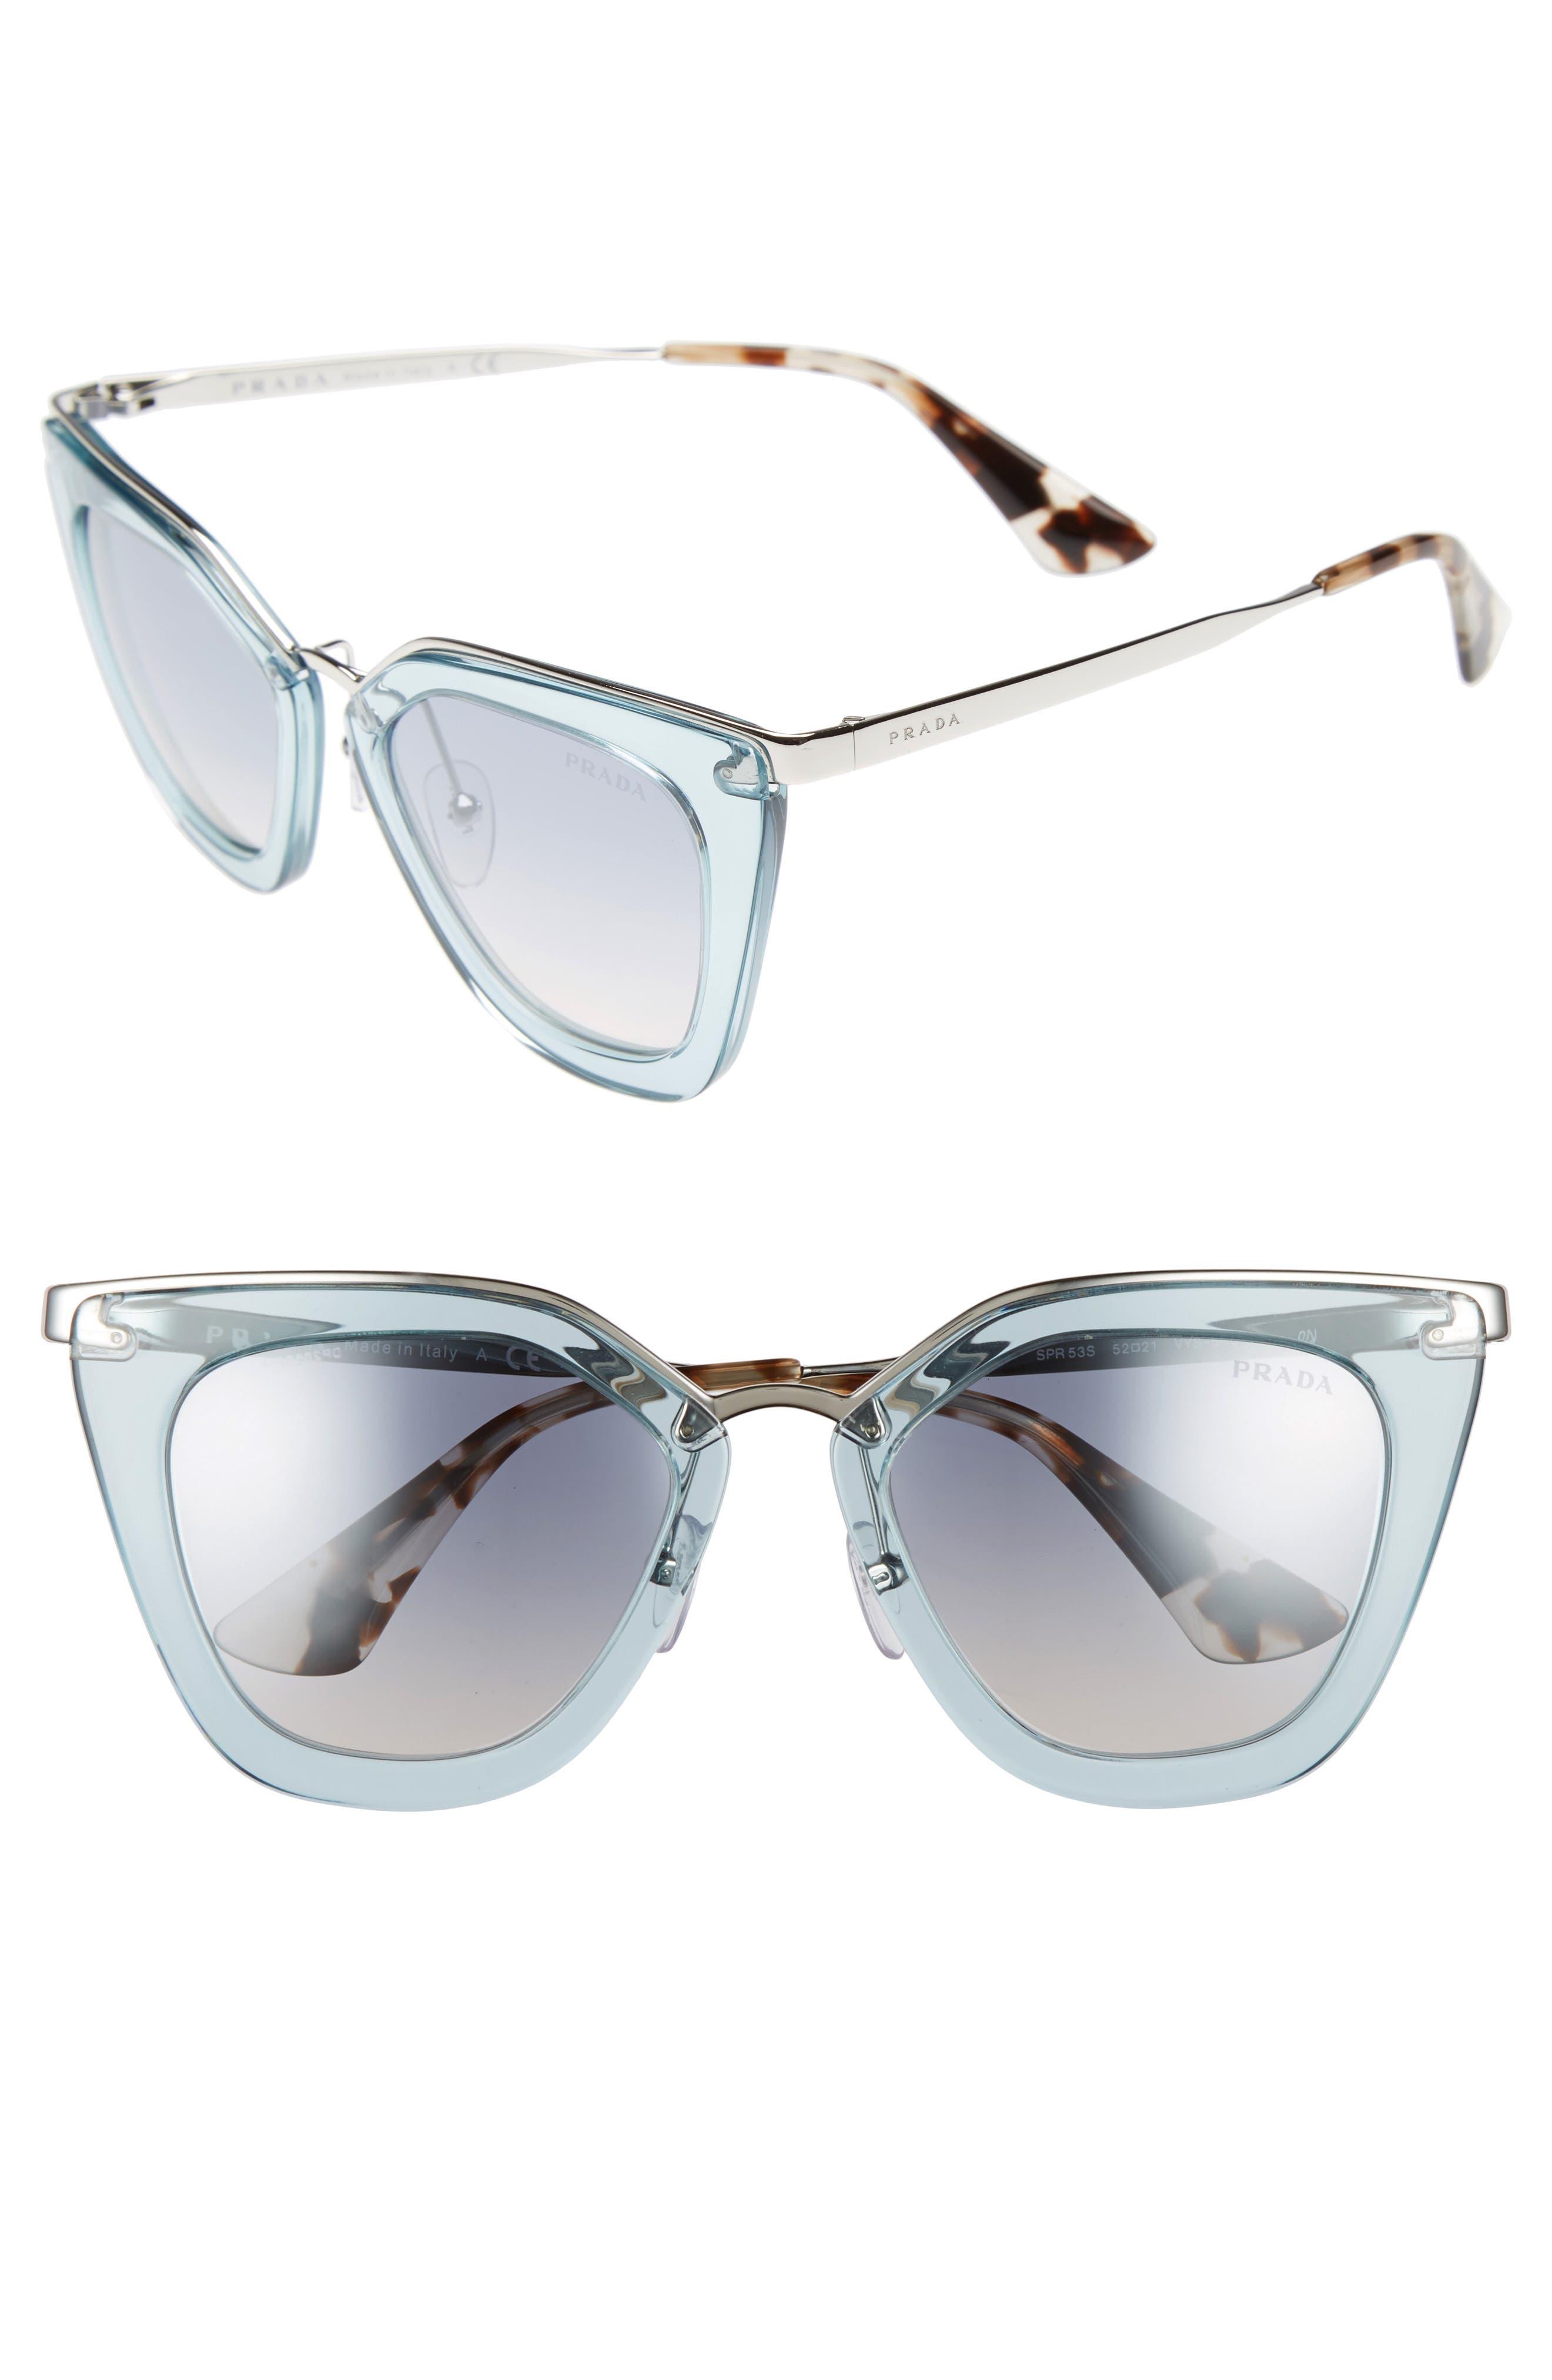 52mm Retro Sunglasses,                         Main,                         color, Light Blue